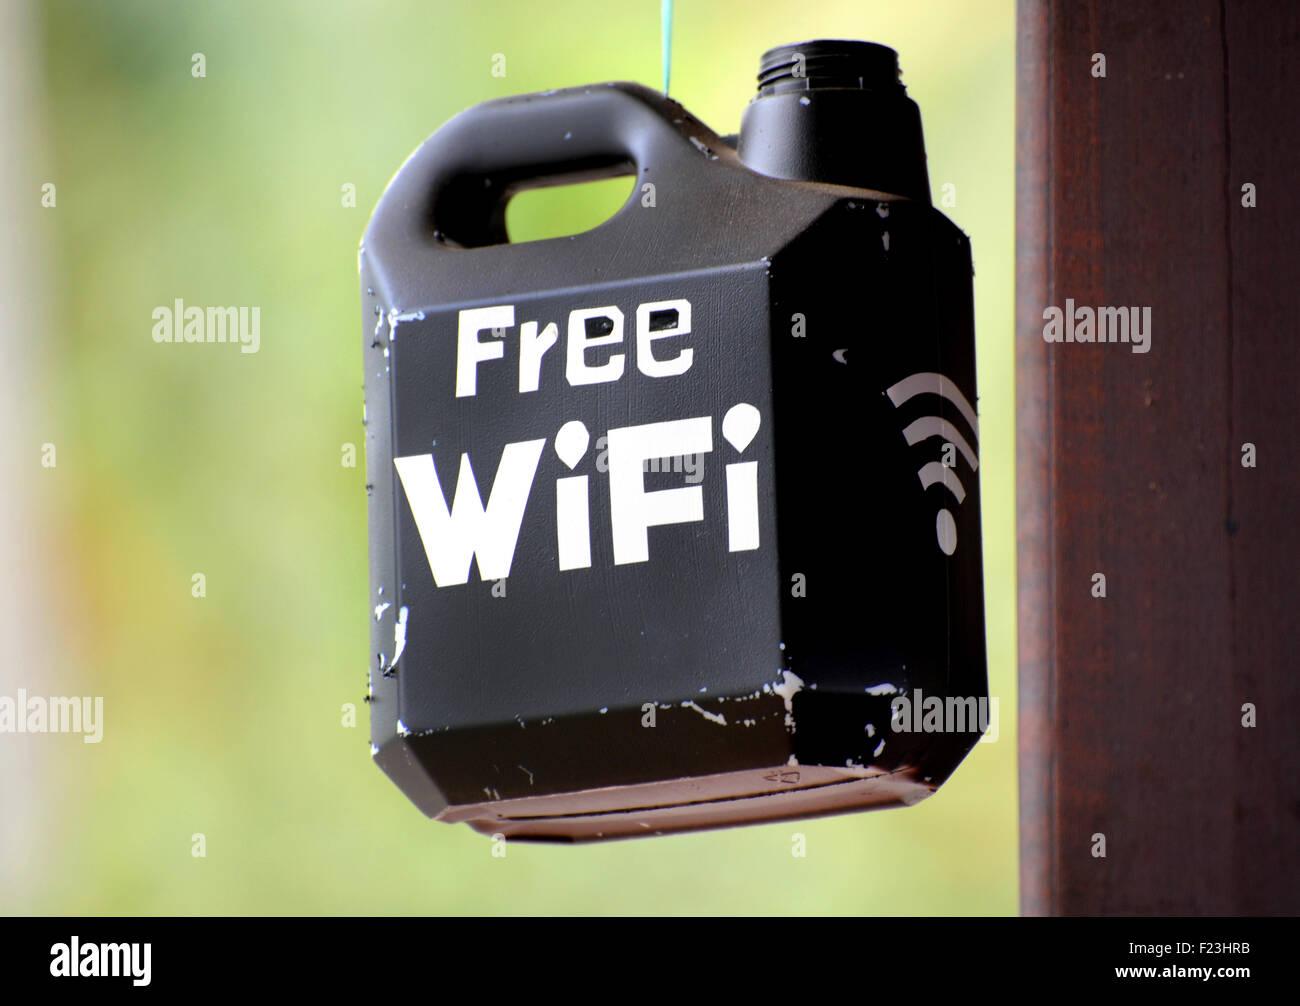 Señal WiFi gratuita pintado en un recipiente de plástico. Imagen De Stock